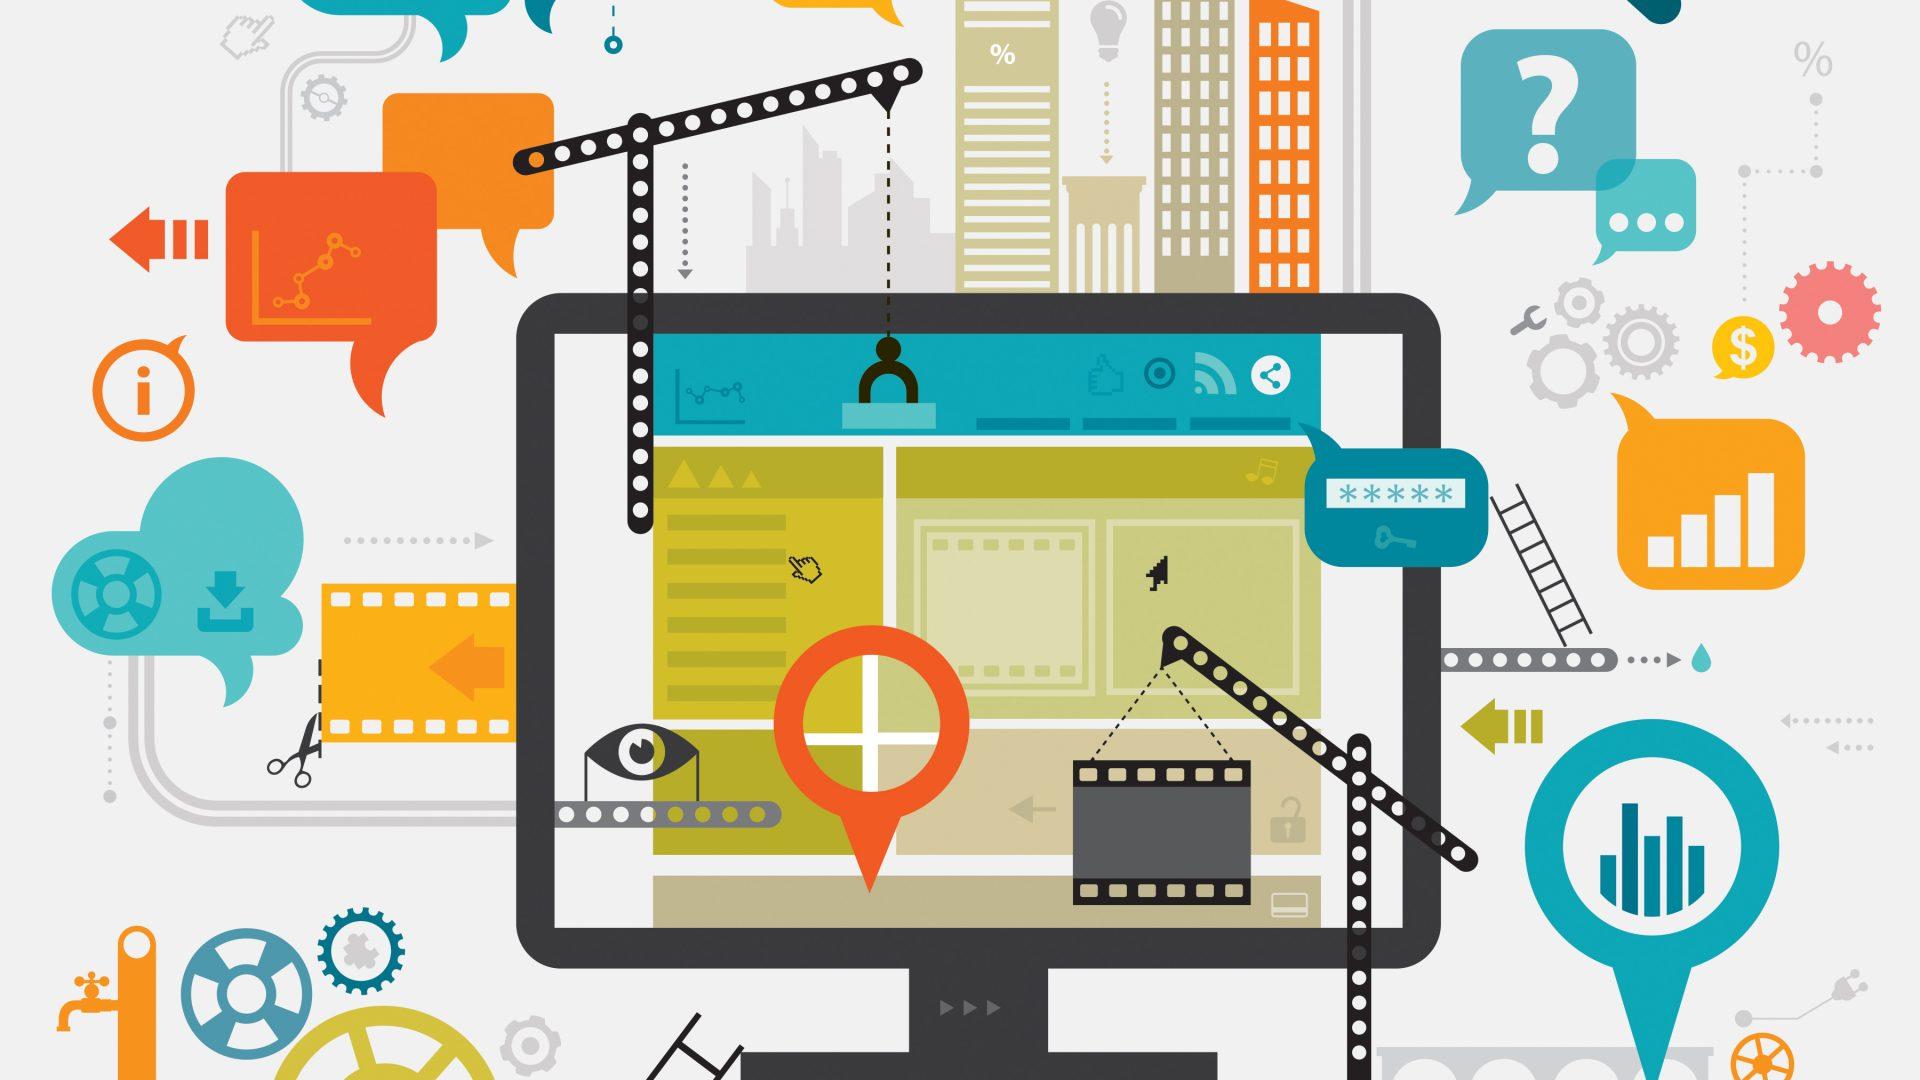 ¿Cómo una web puede hacer crecer tu negocio?